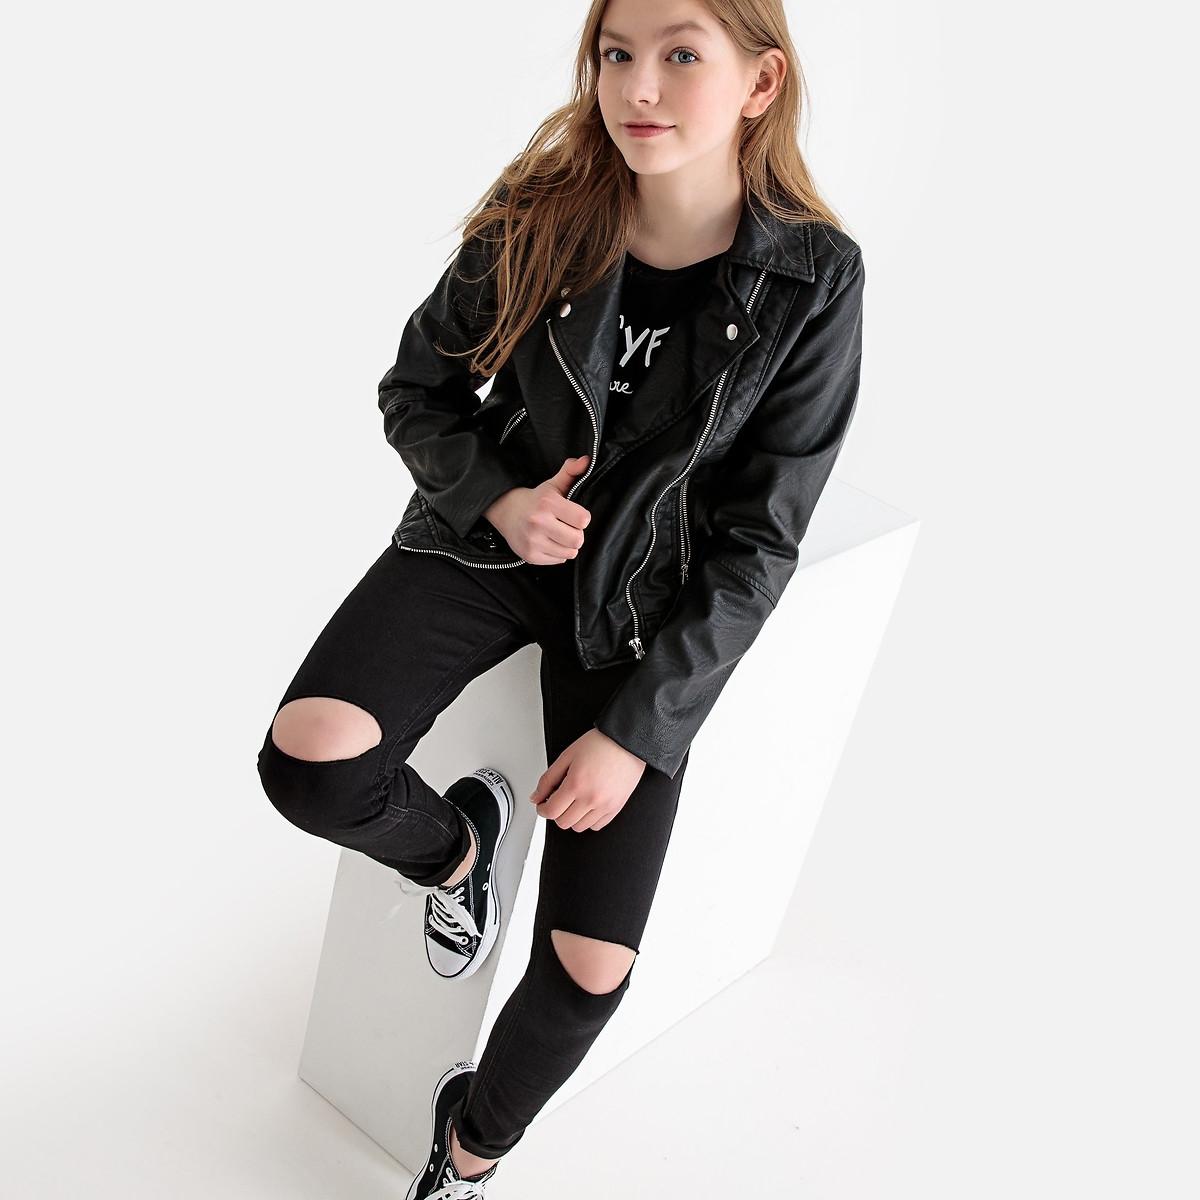 Фото - Джинсы LaRedoute Скинни 10-16 лет 16 черный джинсы laredoute скинни длина 30 s черный